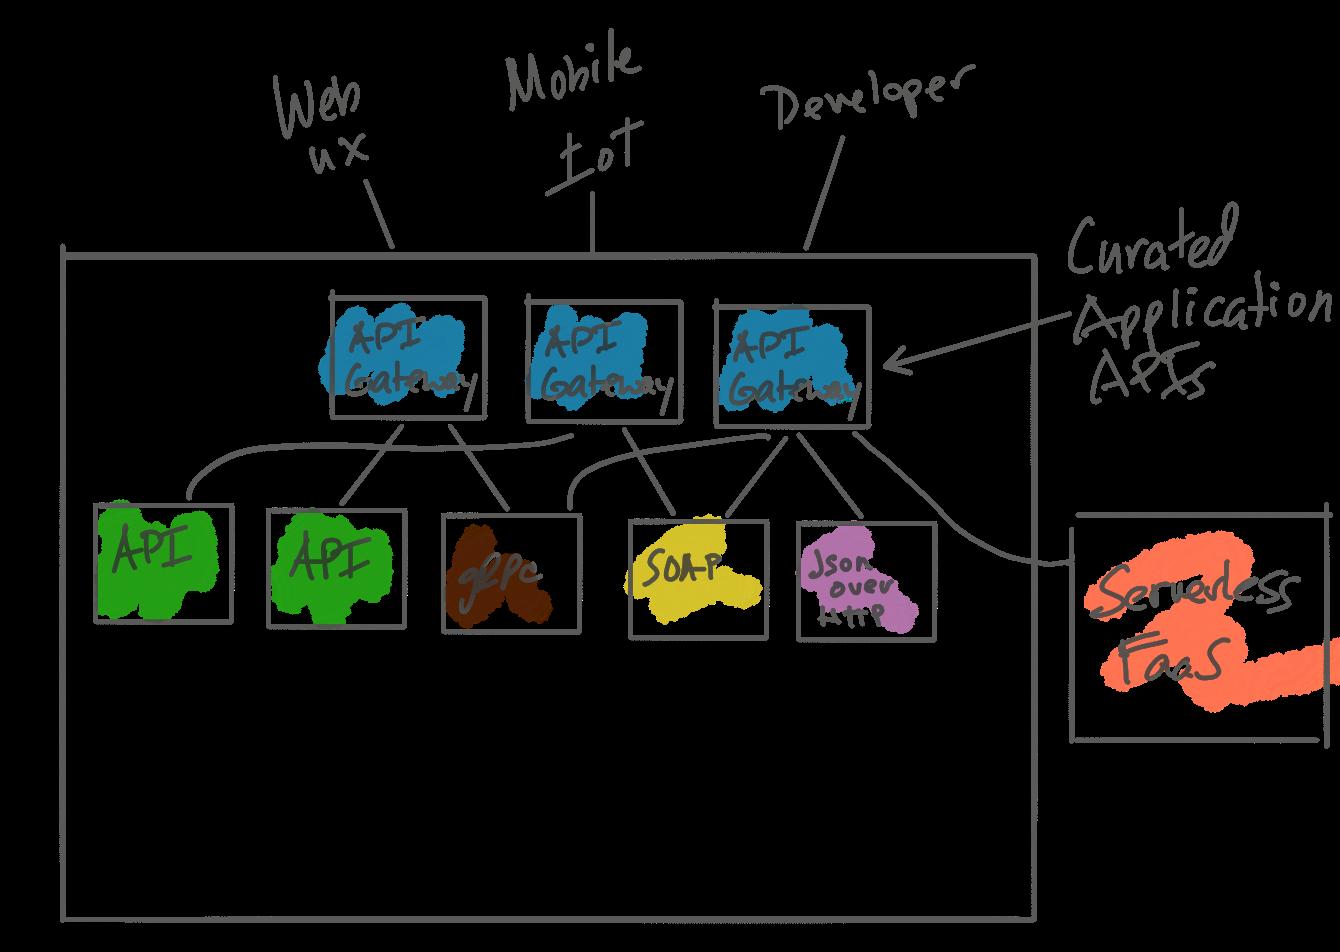 API Gateways Are Going Through an Identity Crisis - DZone Integration